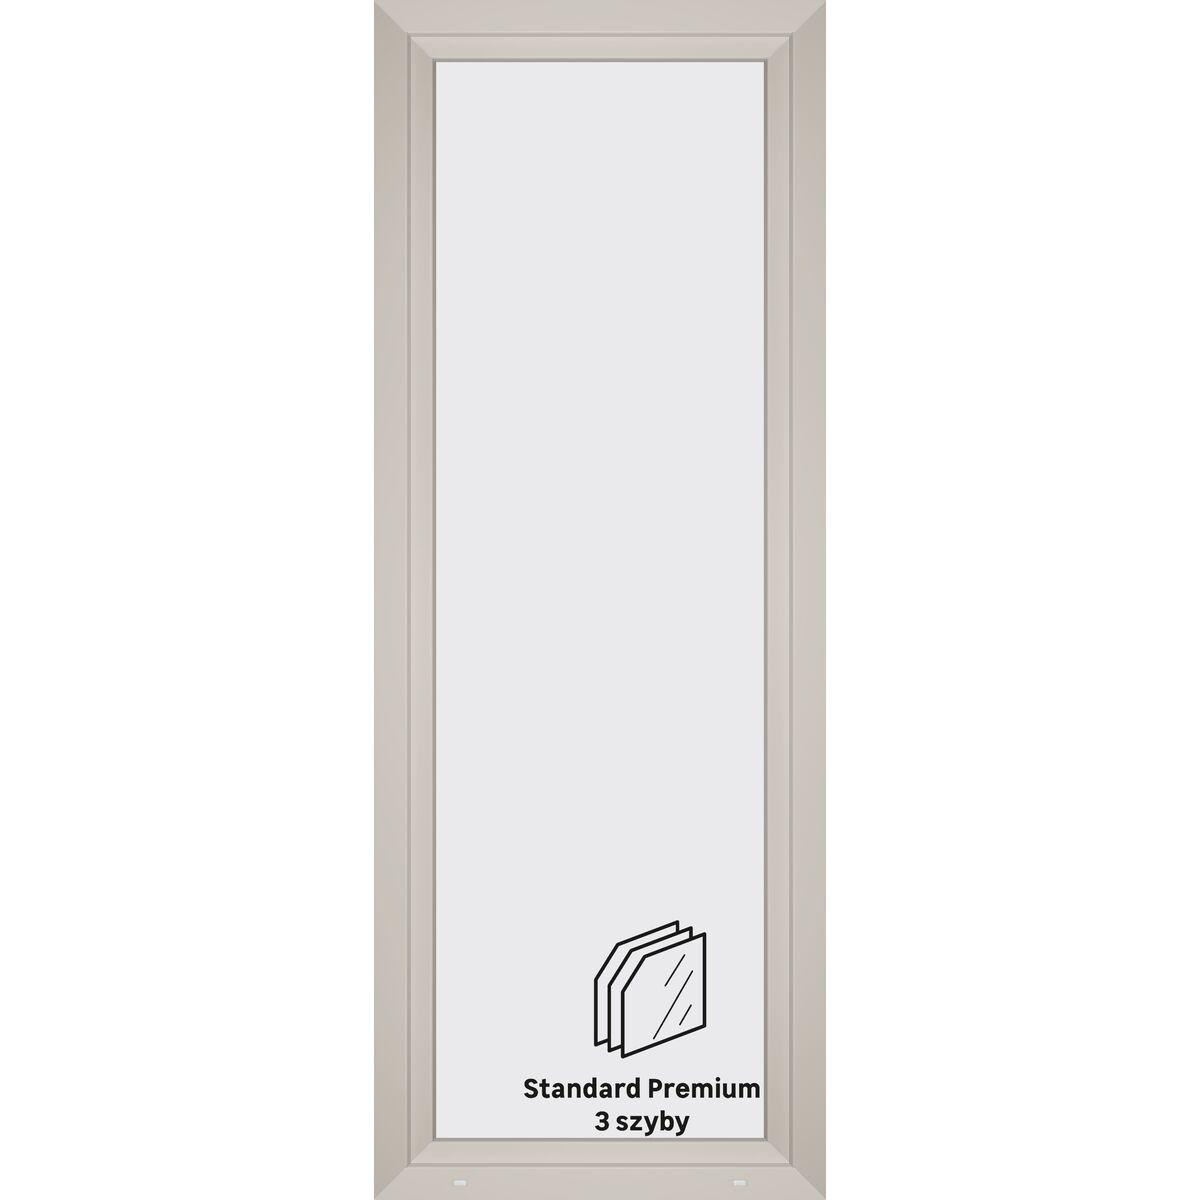 Okno Pcv 3 Szybowe Balkonowe Ob8 Biale 865 X 2295 Mm Okna Pvc W Atrakcyjnej Cenie W Sklepach Leroy Merlin